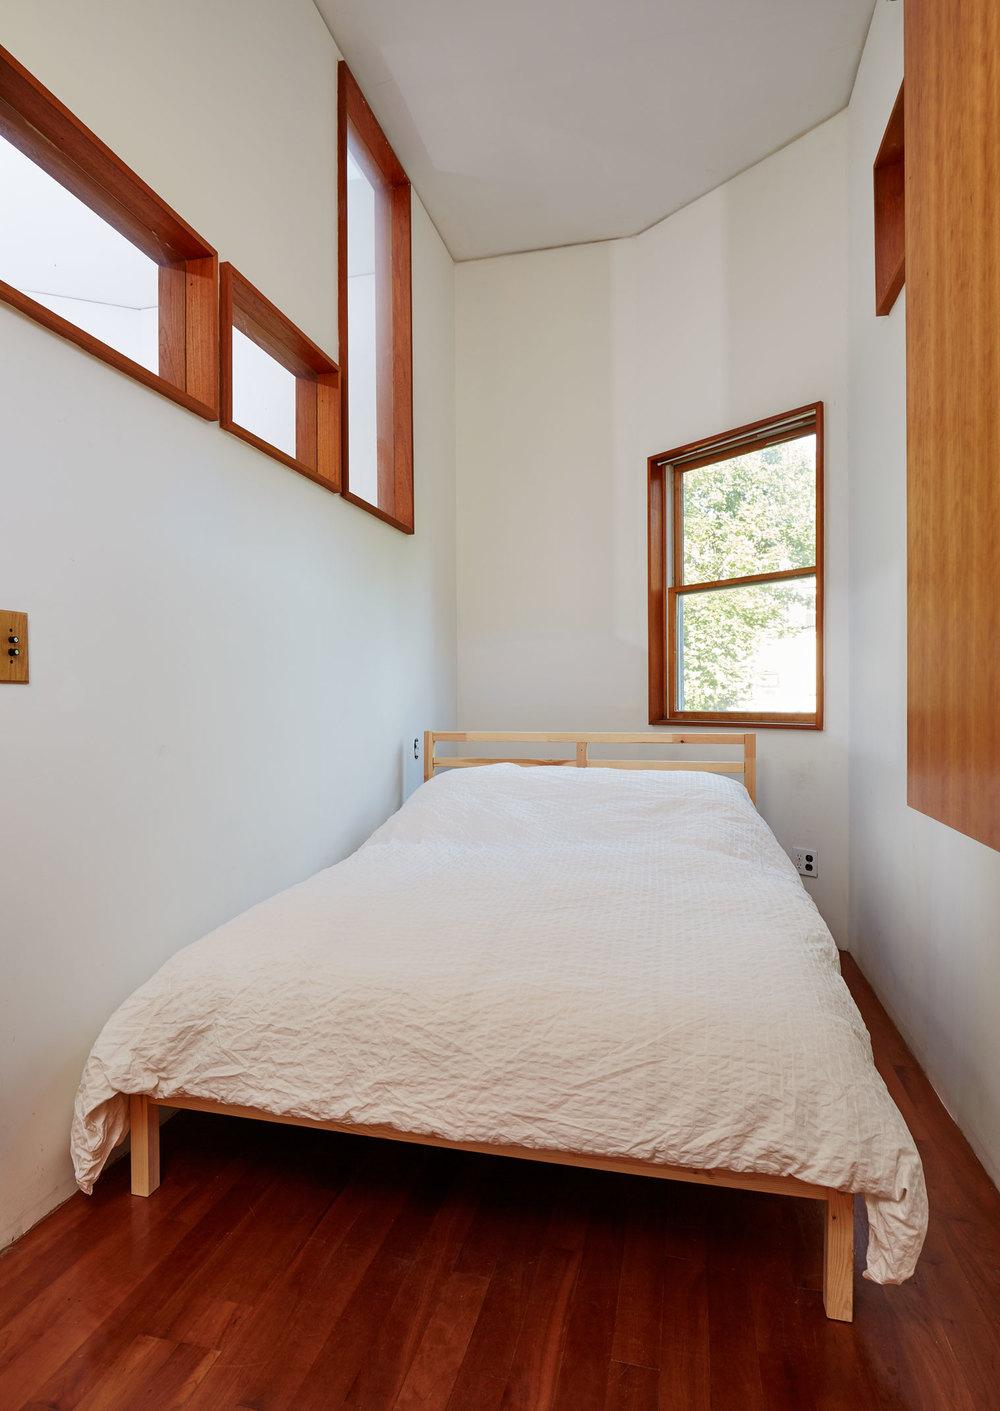 guest_bedroom_017.jpg